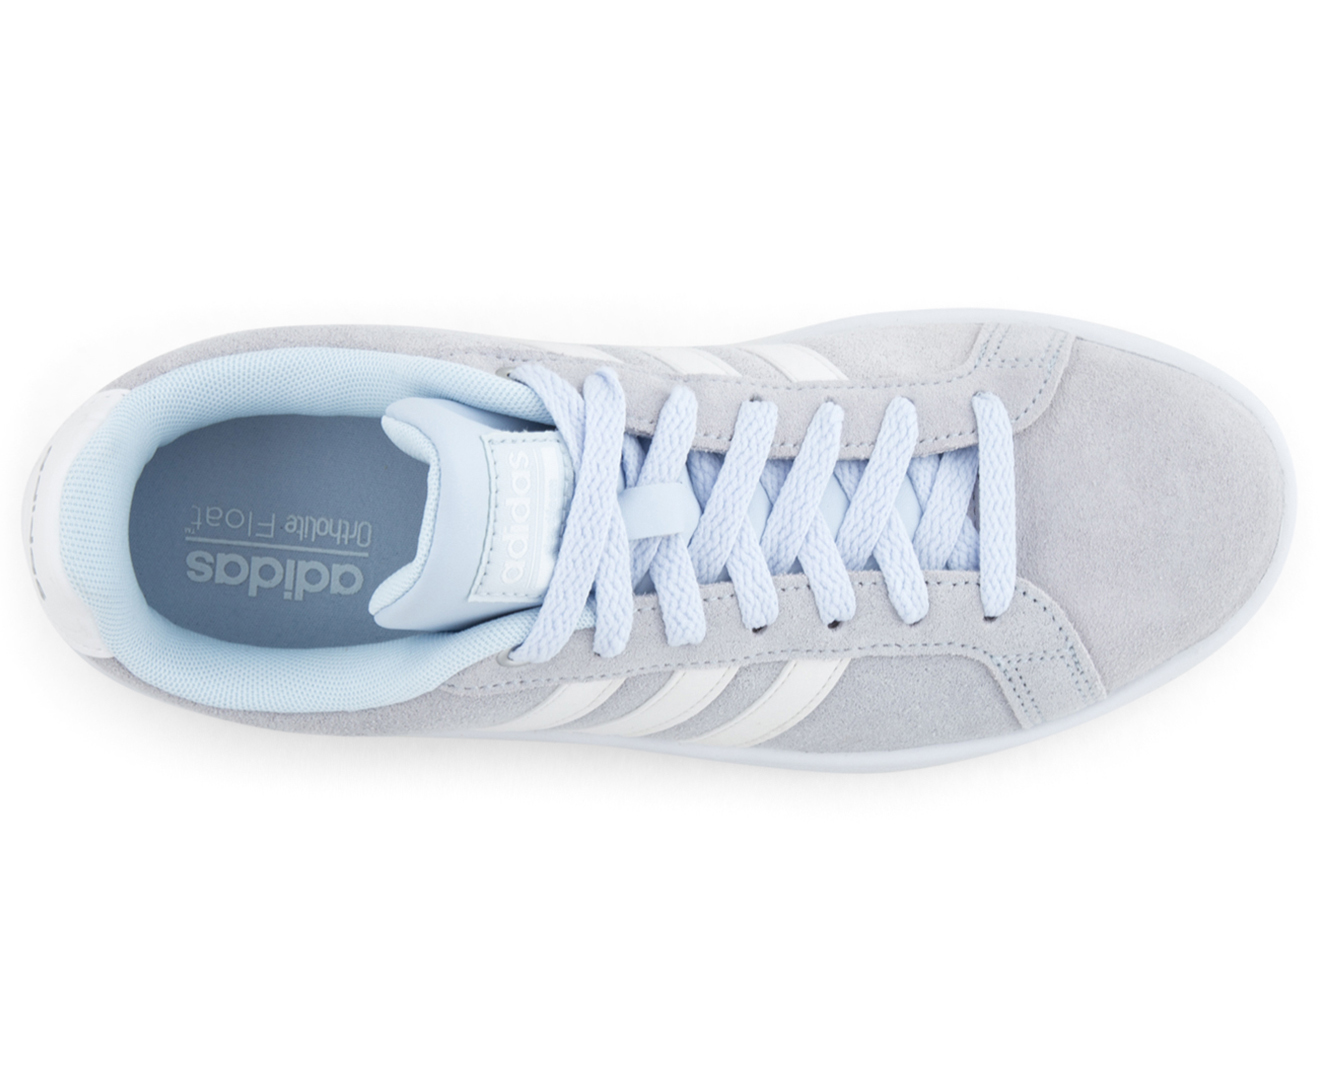 scarpe adidas ortholite prezzo